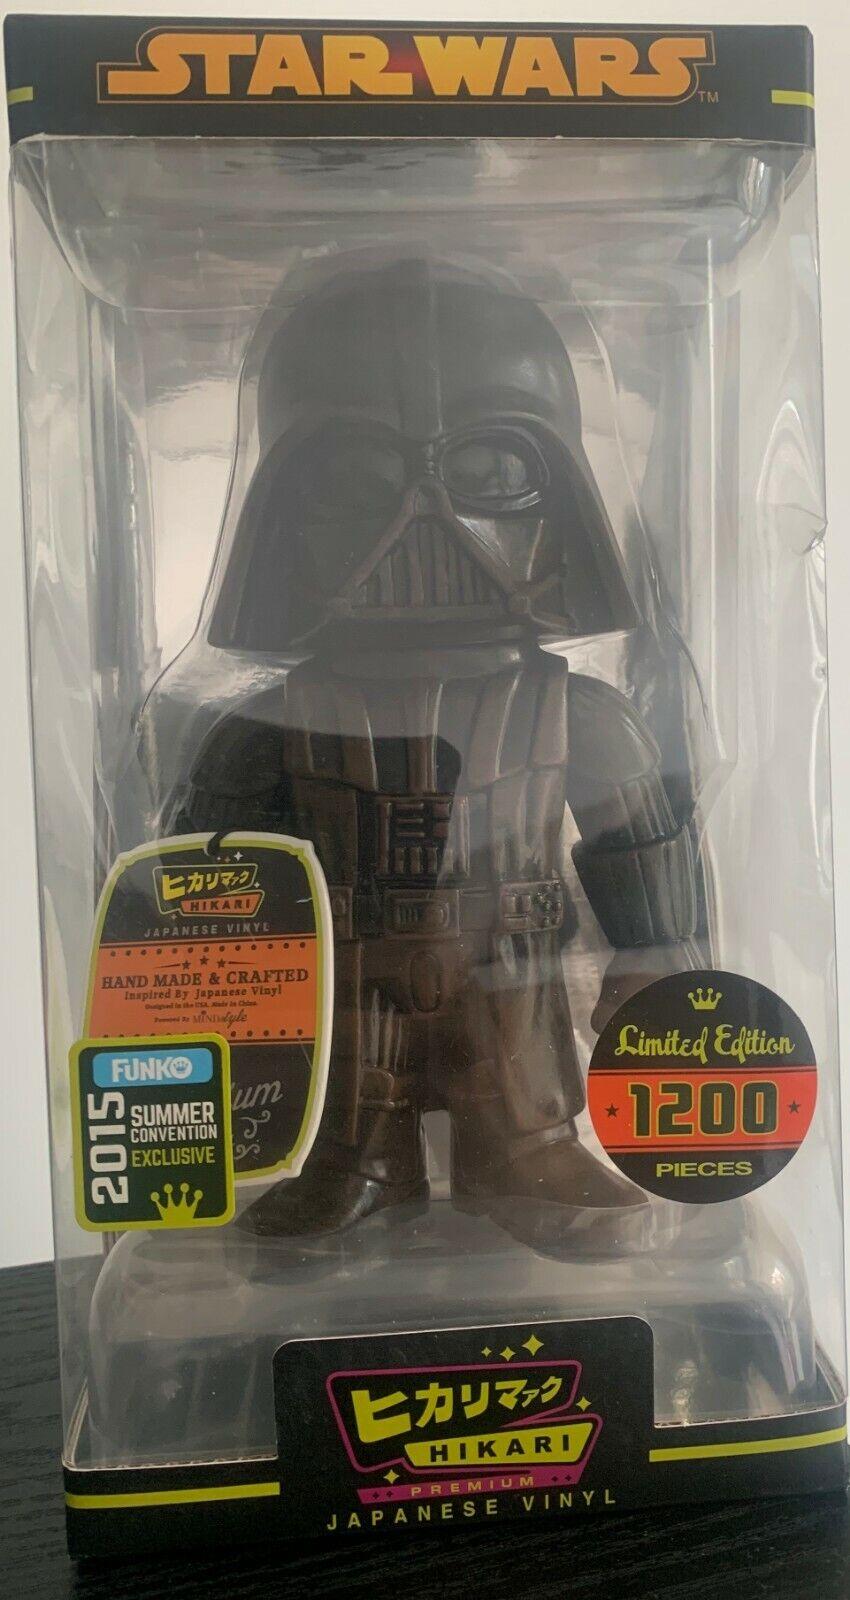 Hikari japonés Vinilo 2015 Funko Guerra De Las Galaxias Darth Vader Limited 1200 exclusivo un